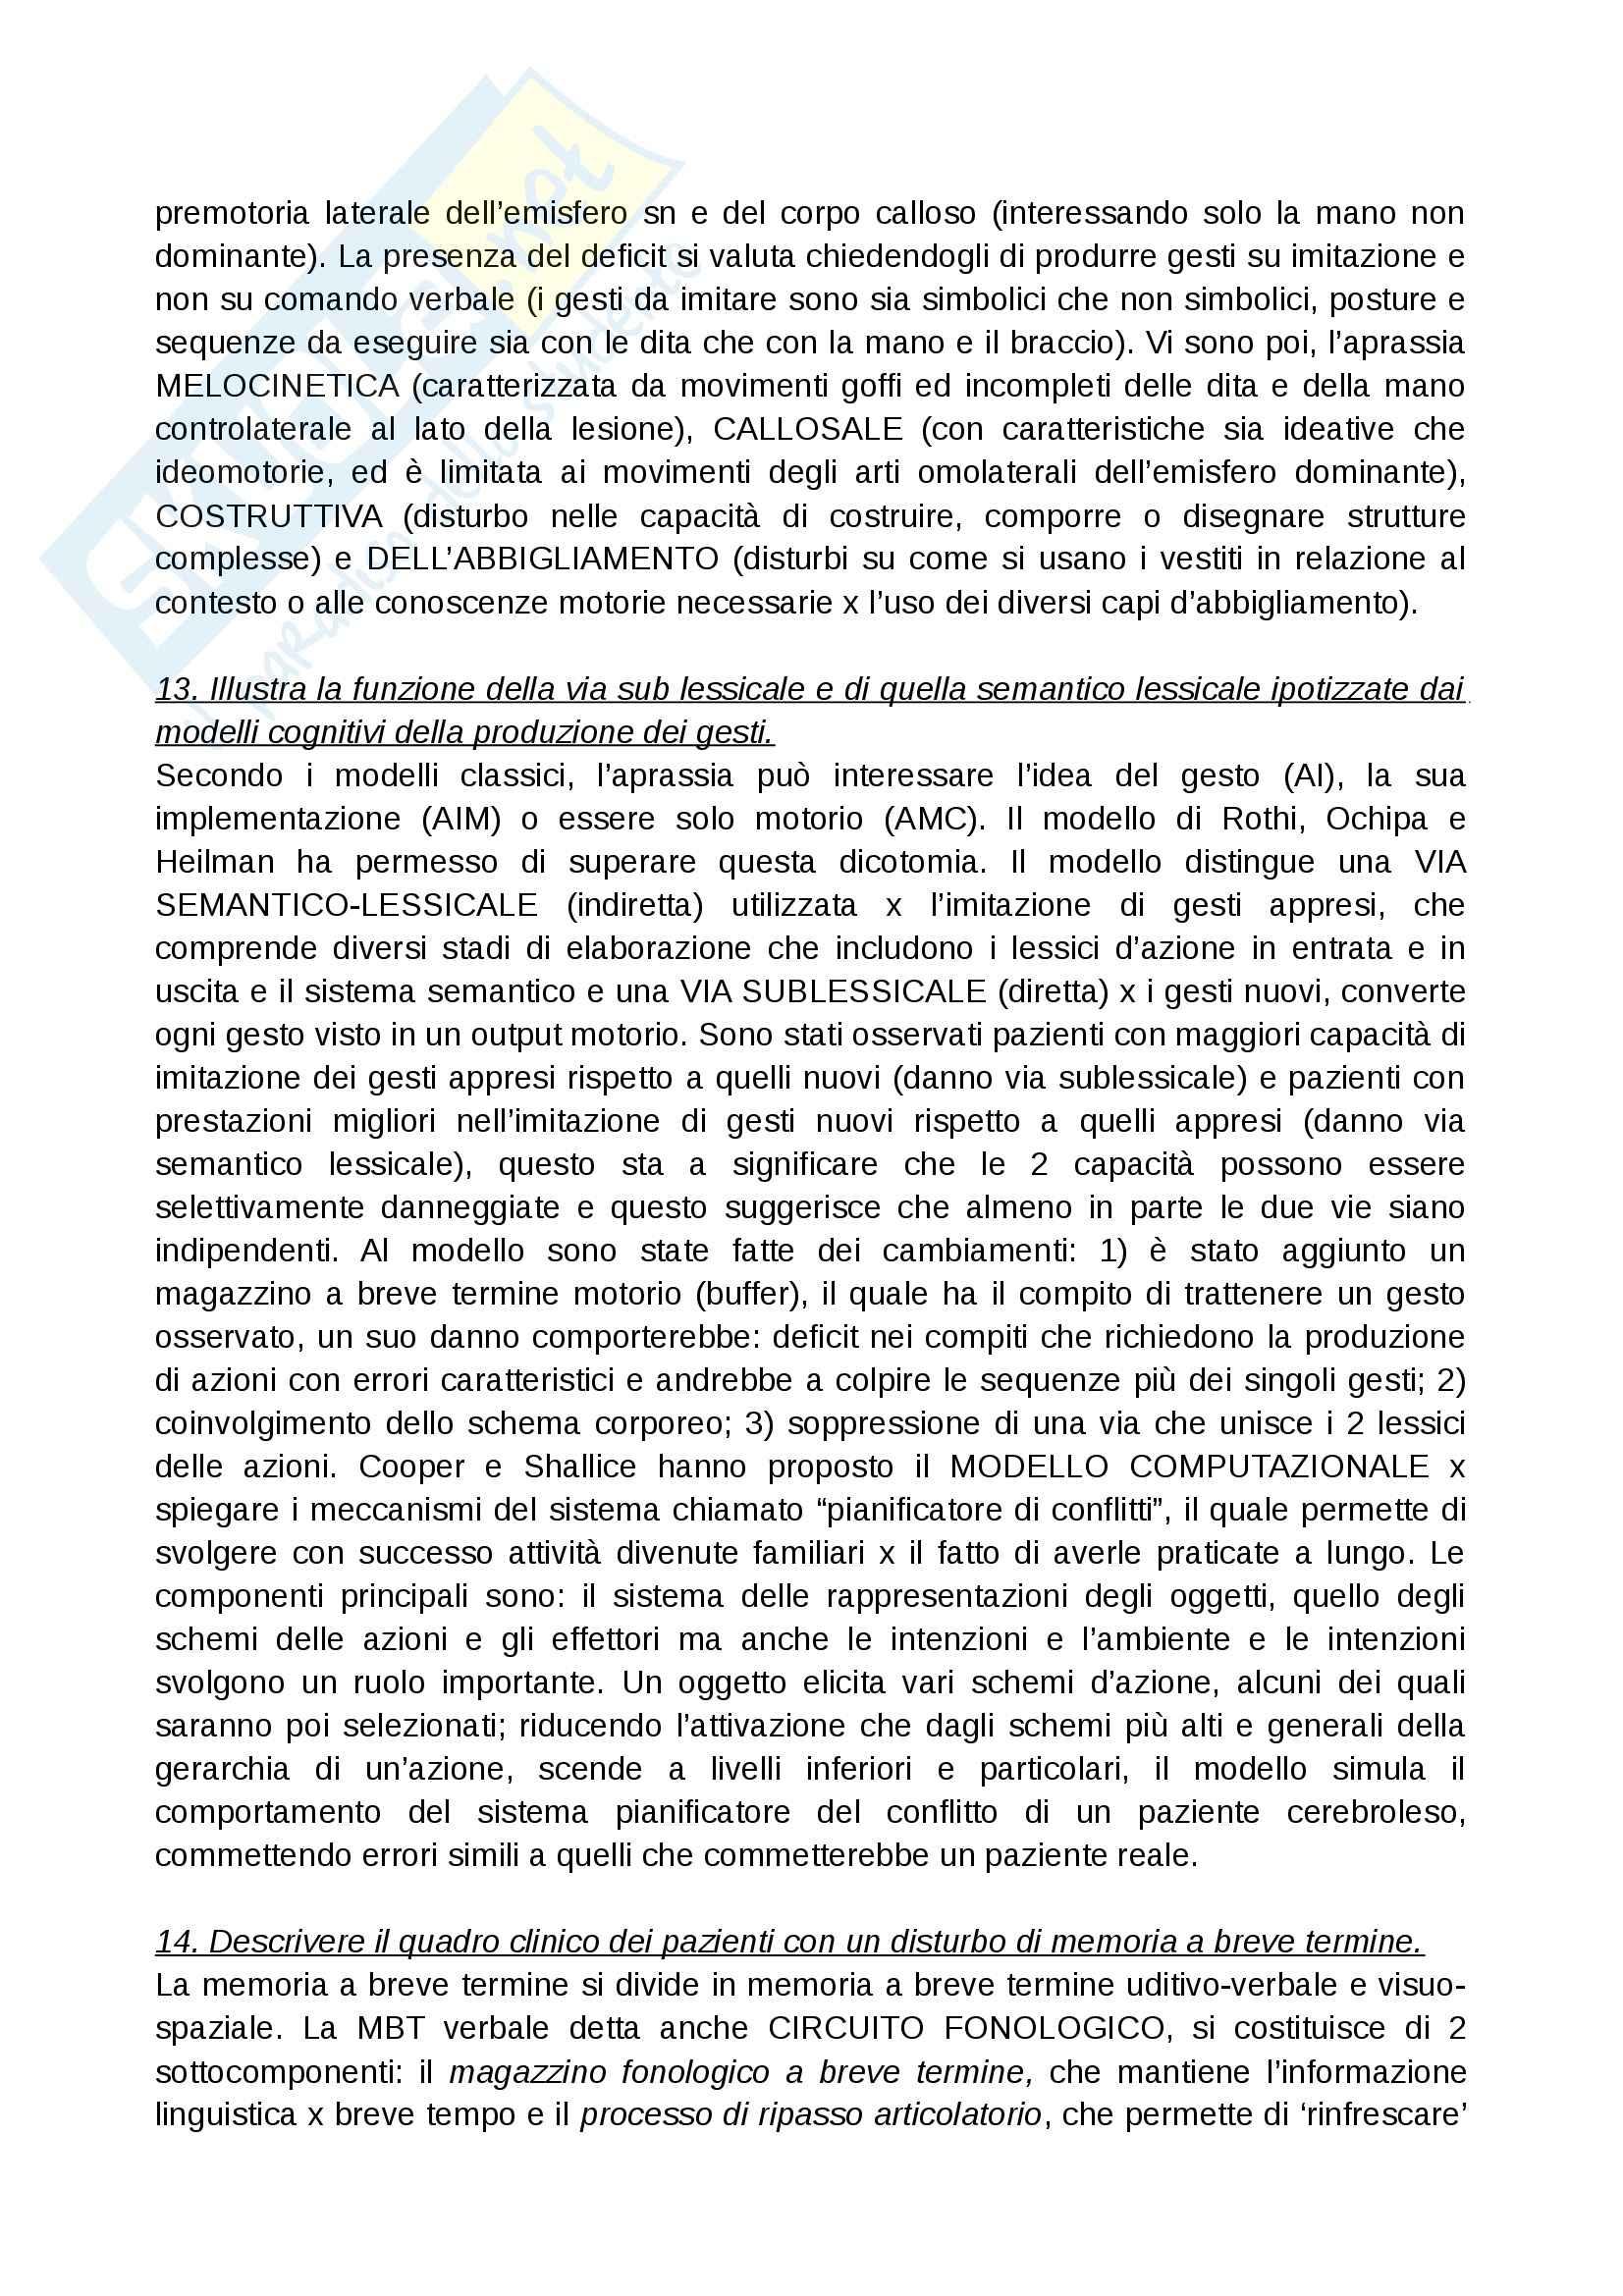 Neuroscienze - domande  e risposte Pag. 11